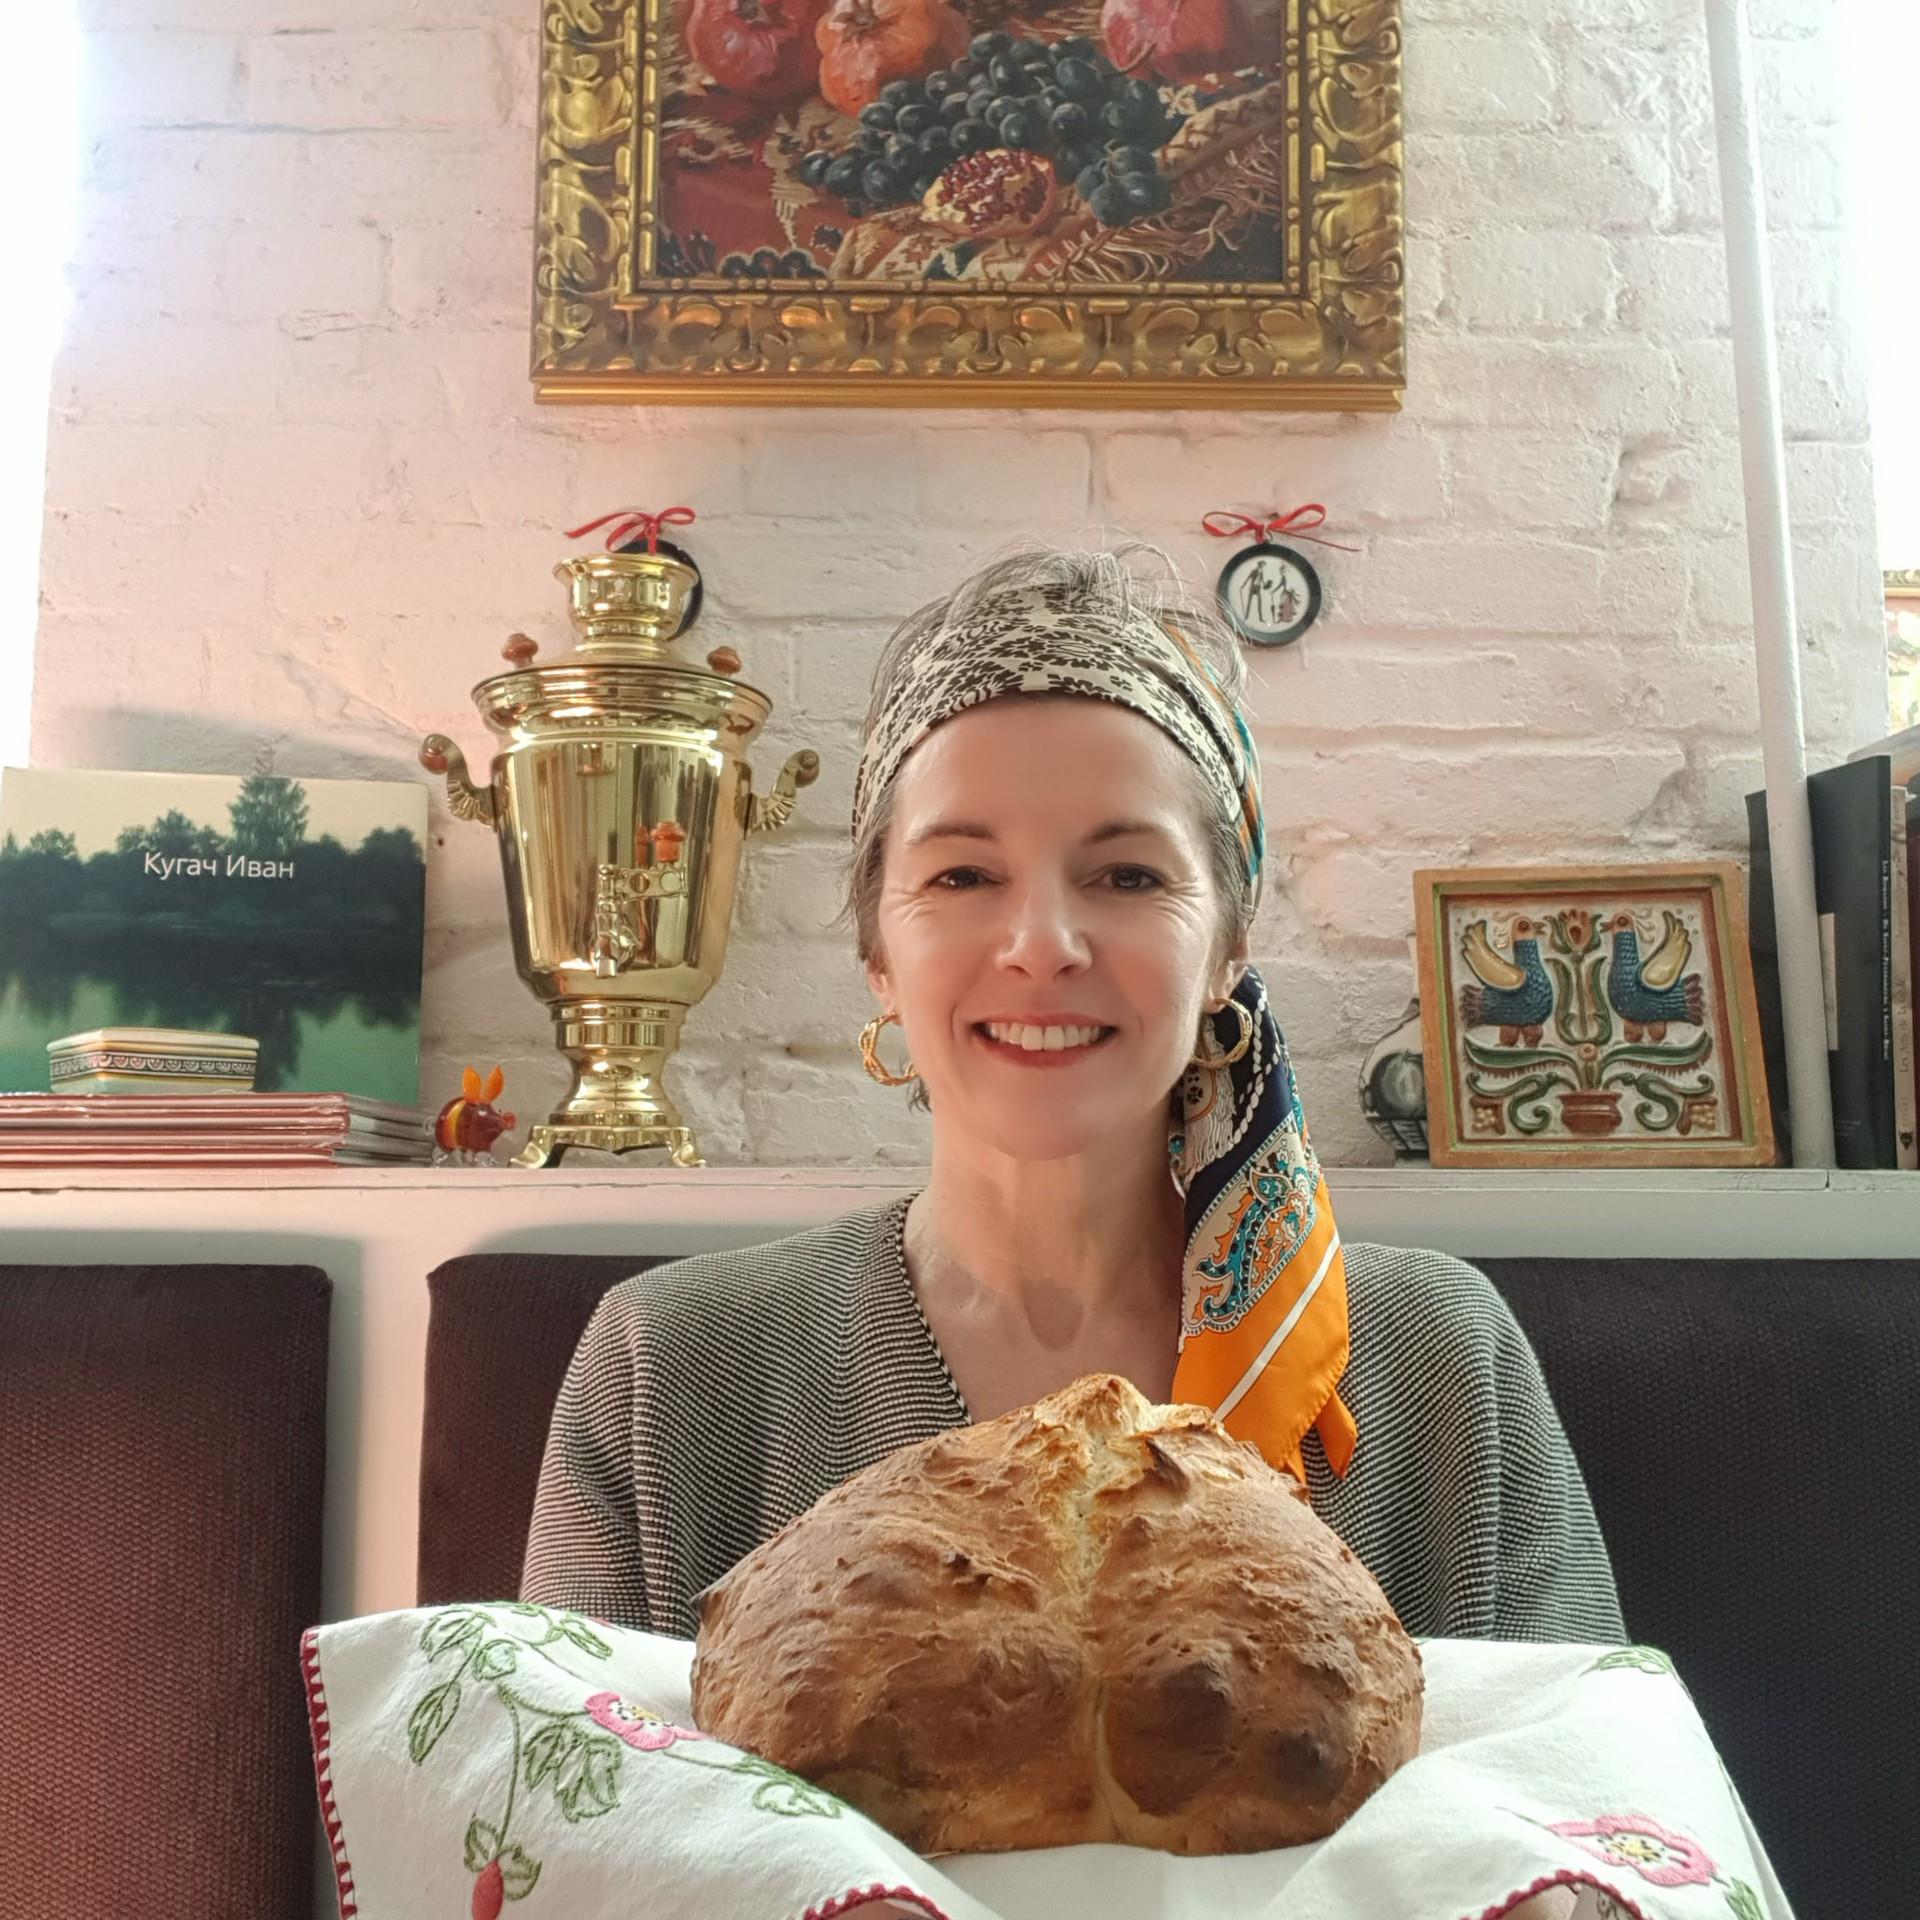 Cécile avec un karavaï, pain traditionnel russe symbolisant l'hospitalité